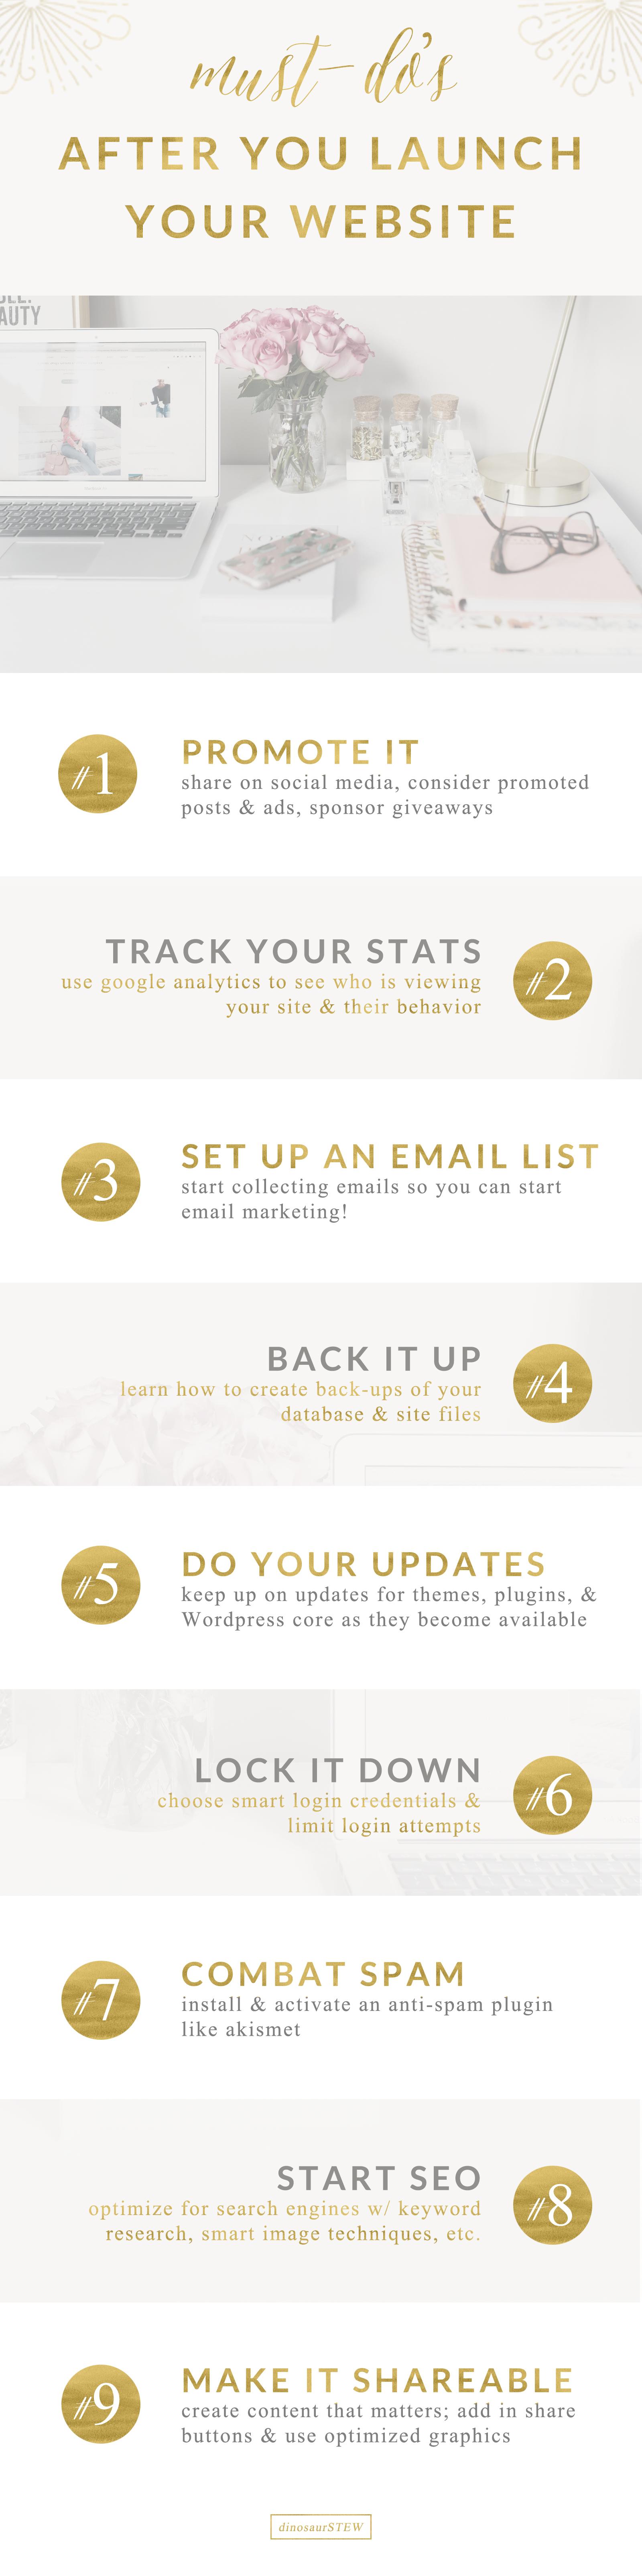 post launch website checklist